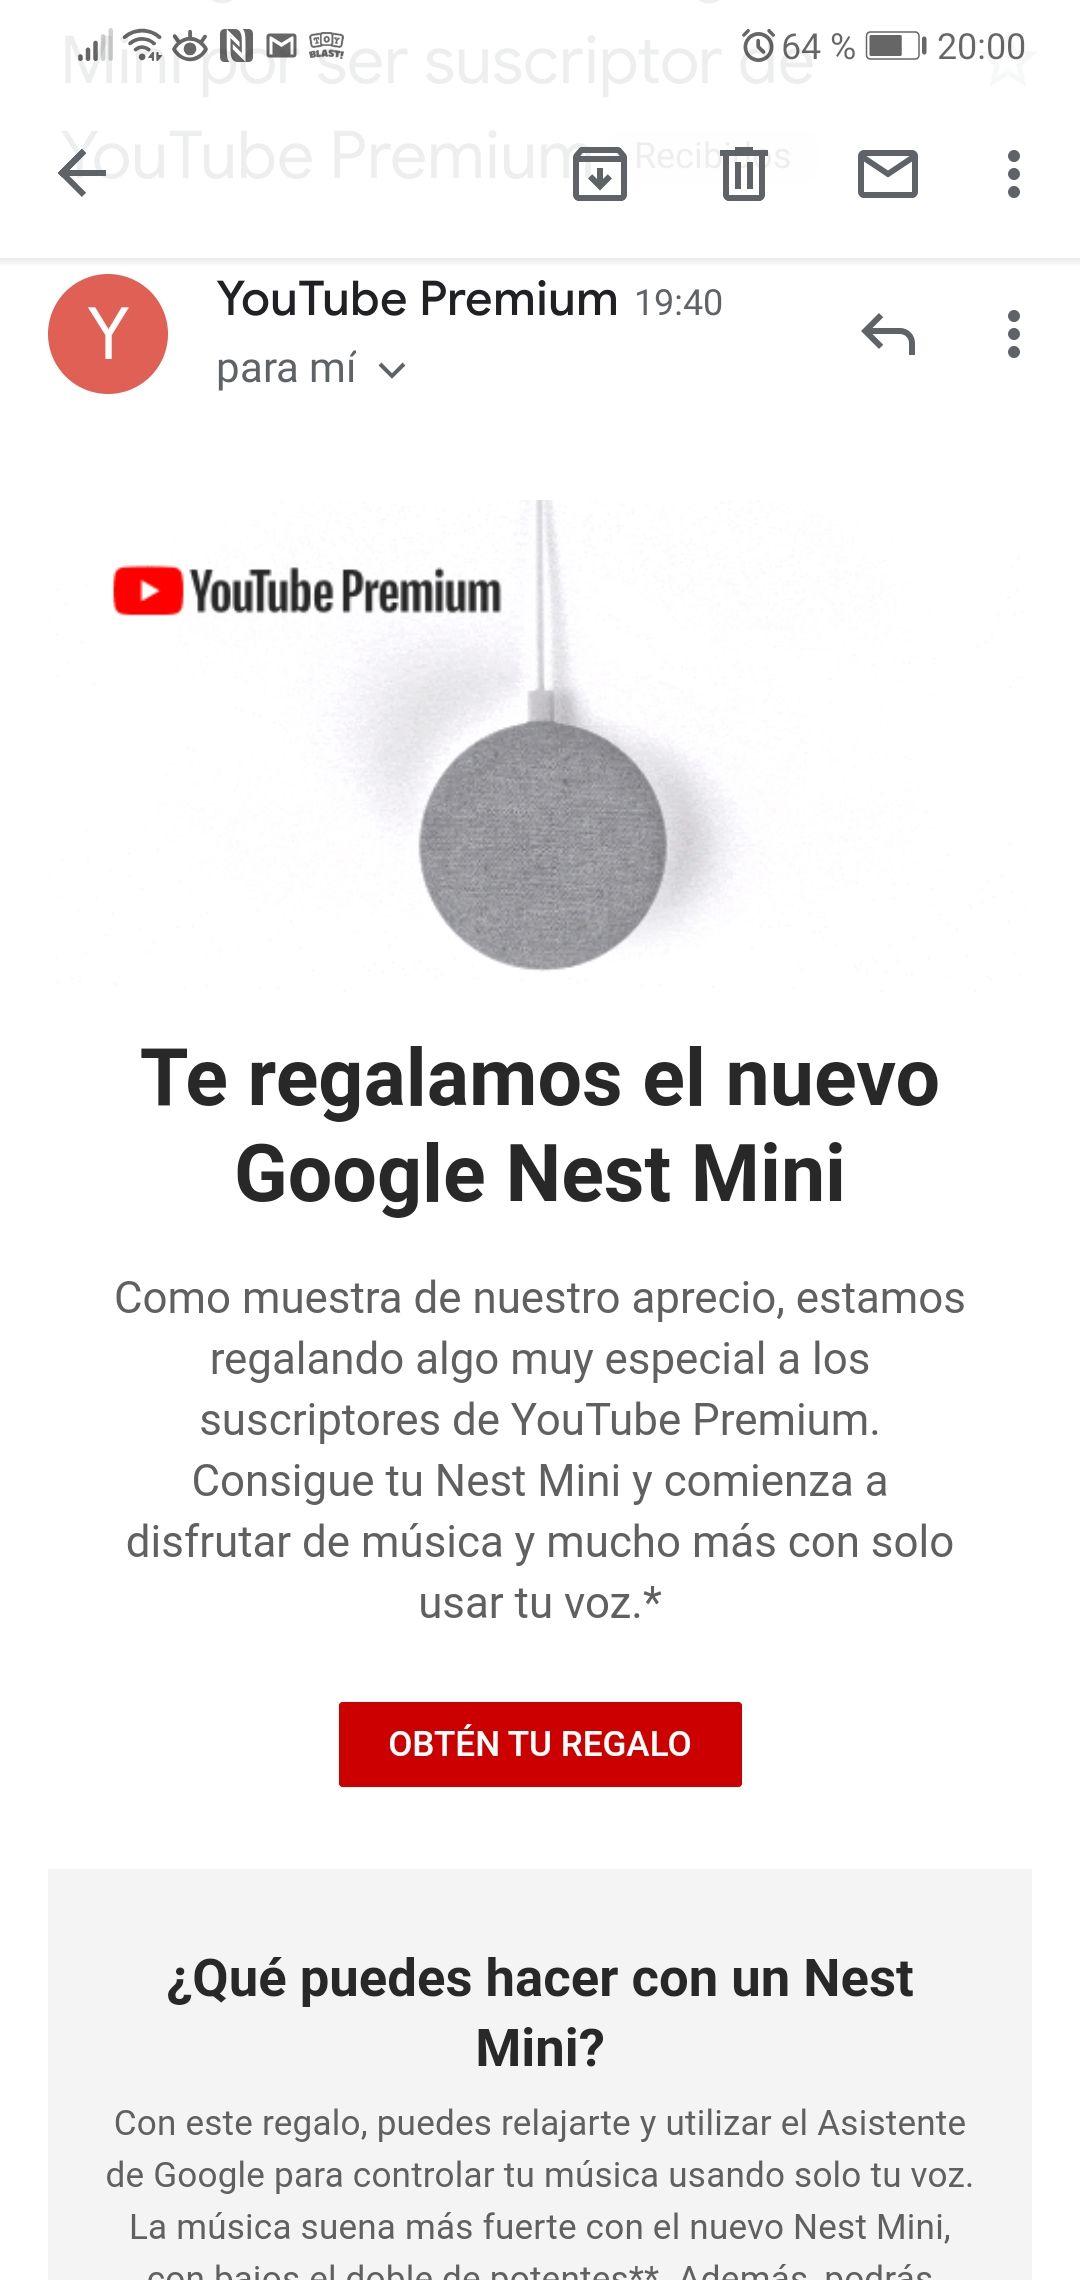 Google Nest Mini GRATIS para suscriptores YouTube Premium SELECCIONADOS